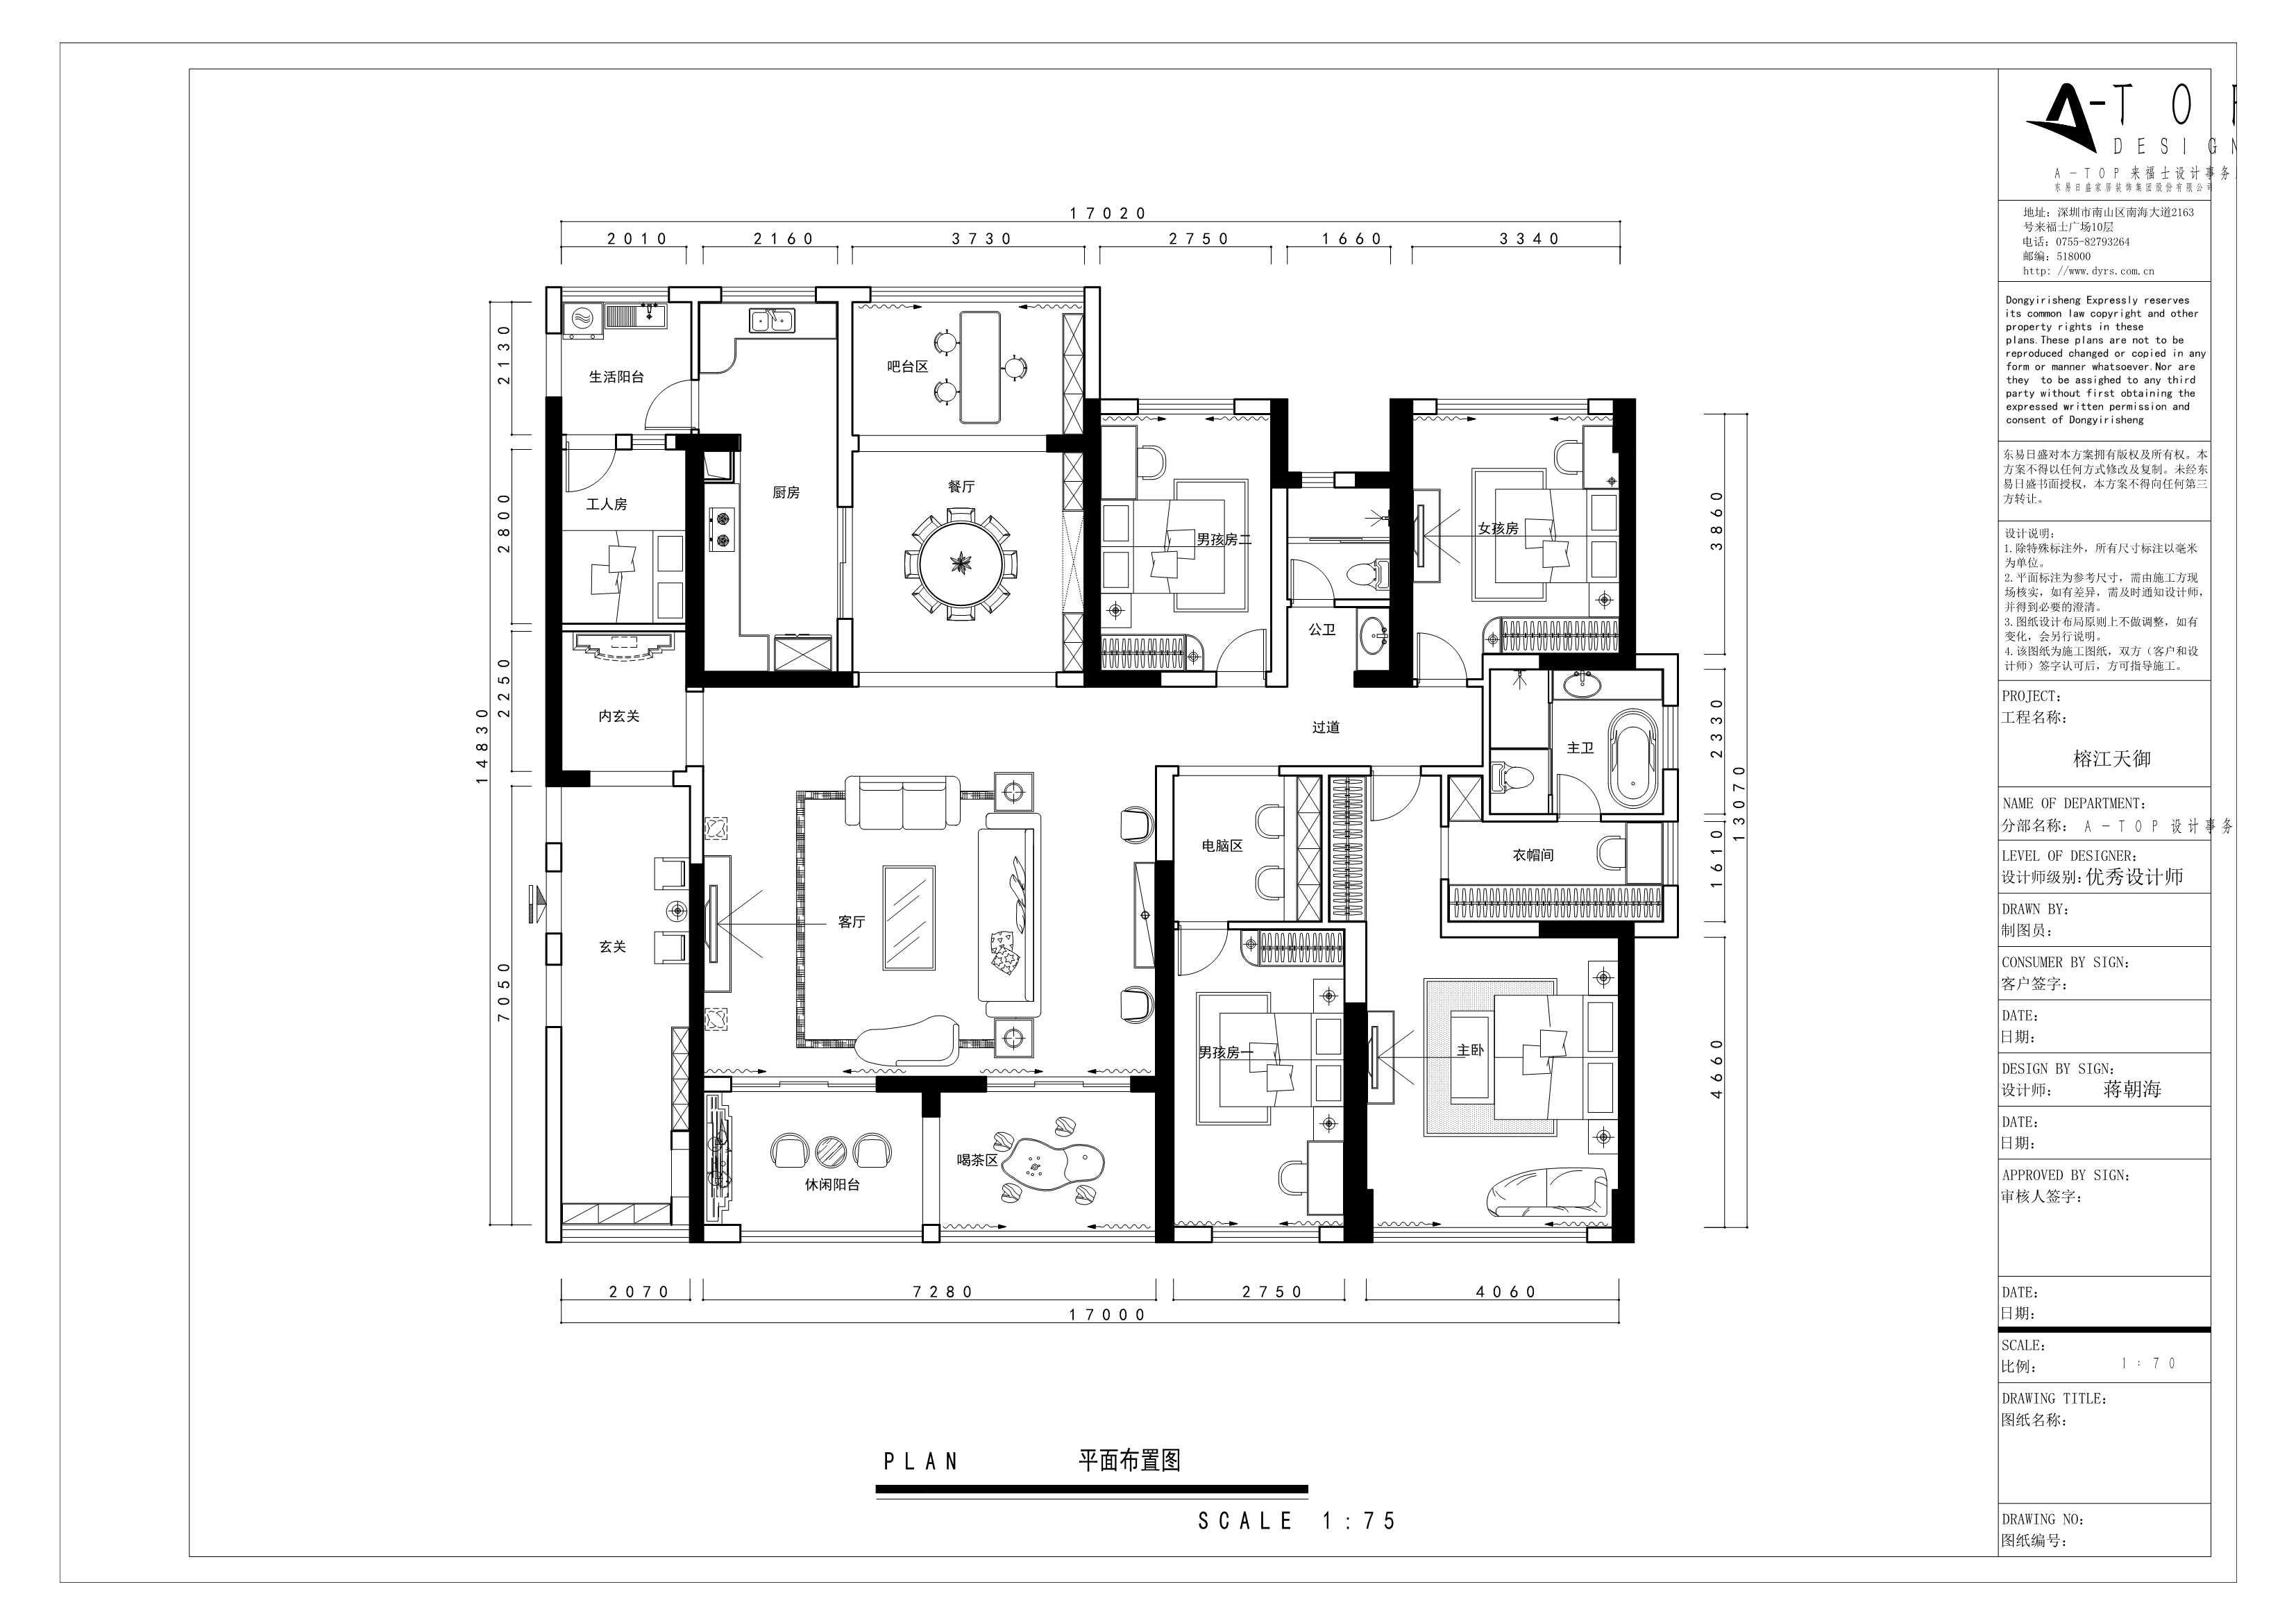 榕江天御-230平米装修-新古典风格设计案例装修设计理念